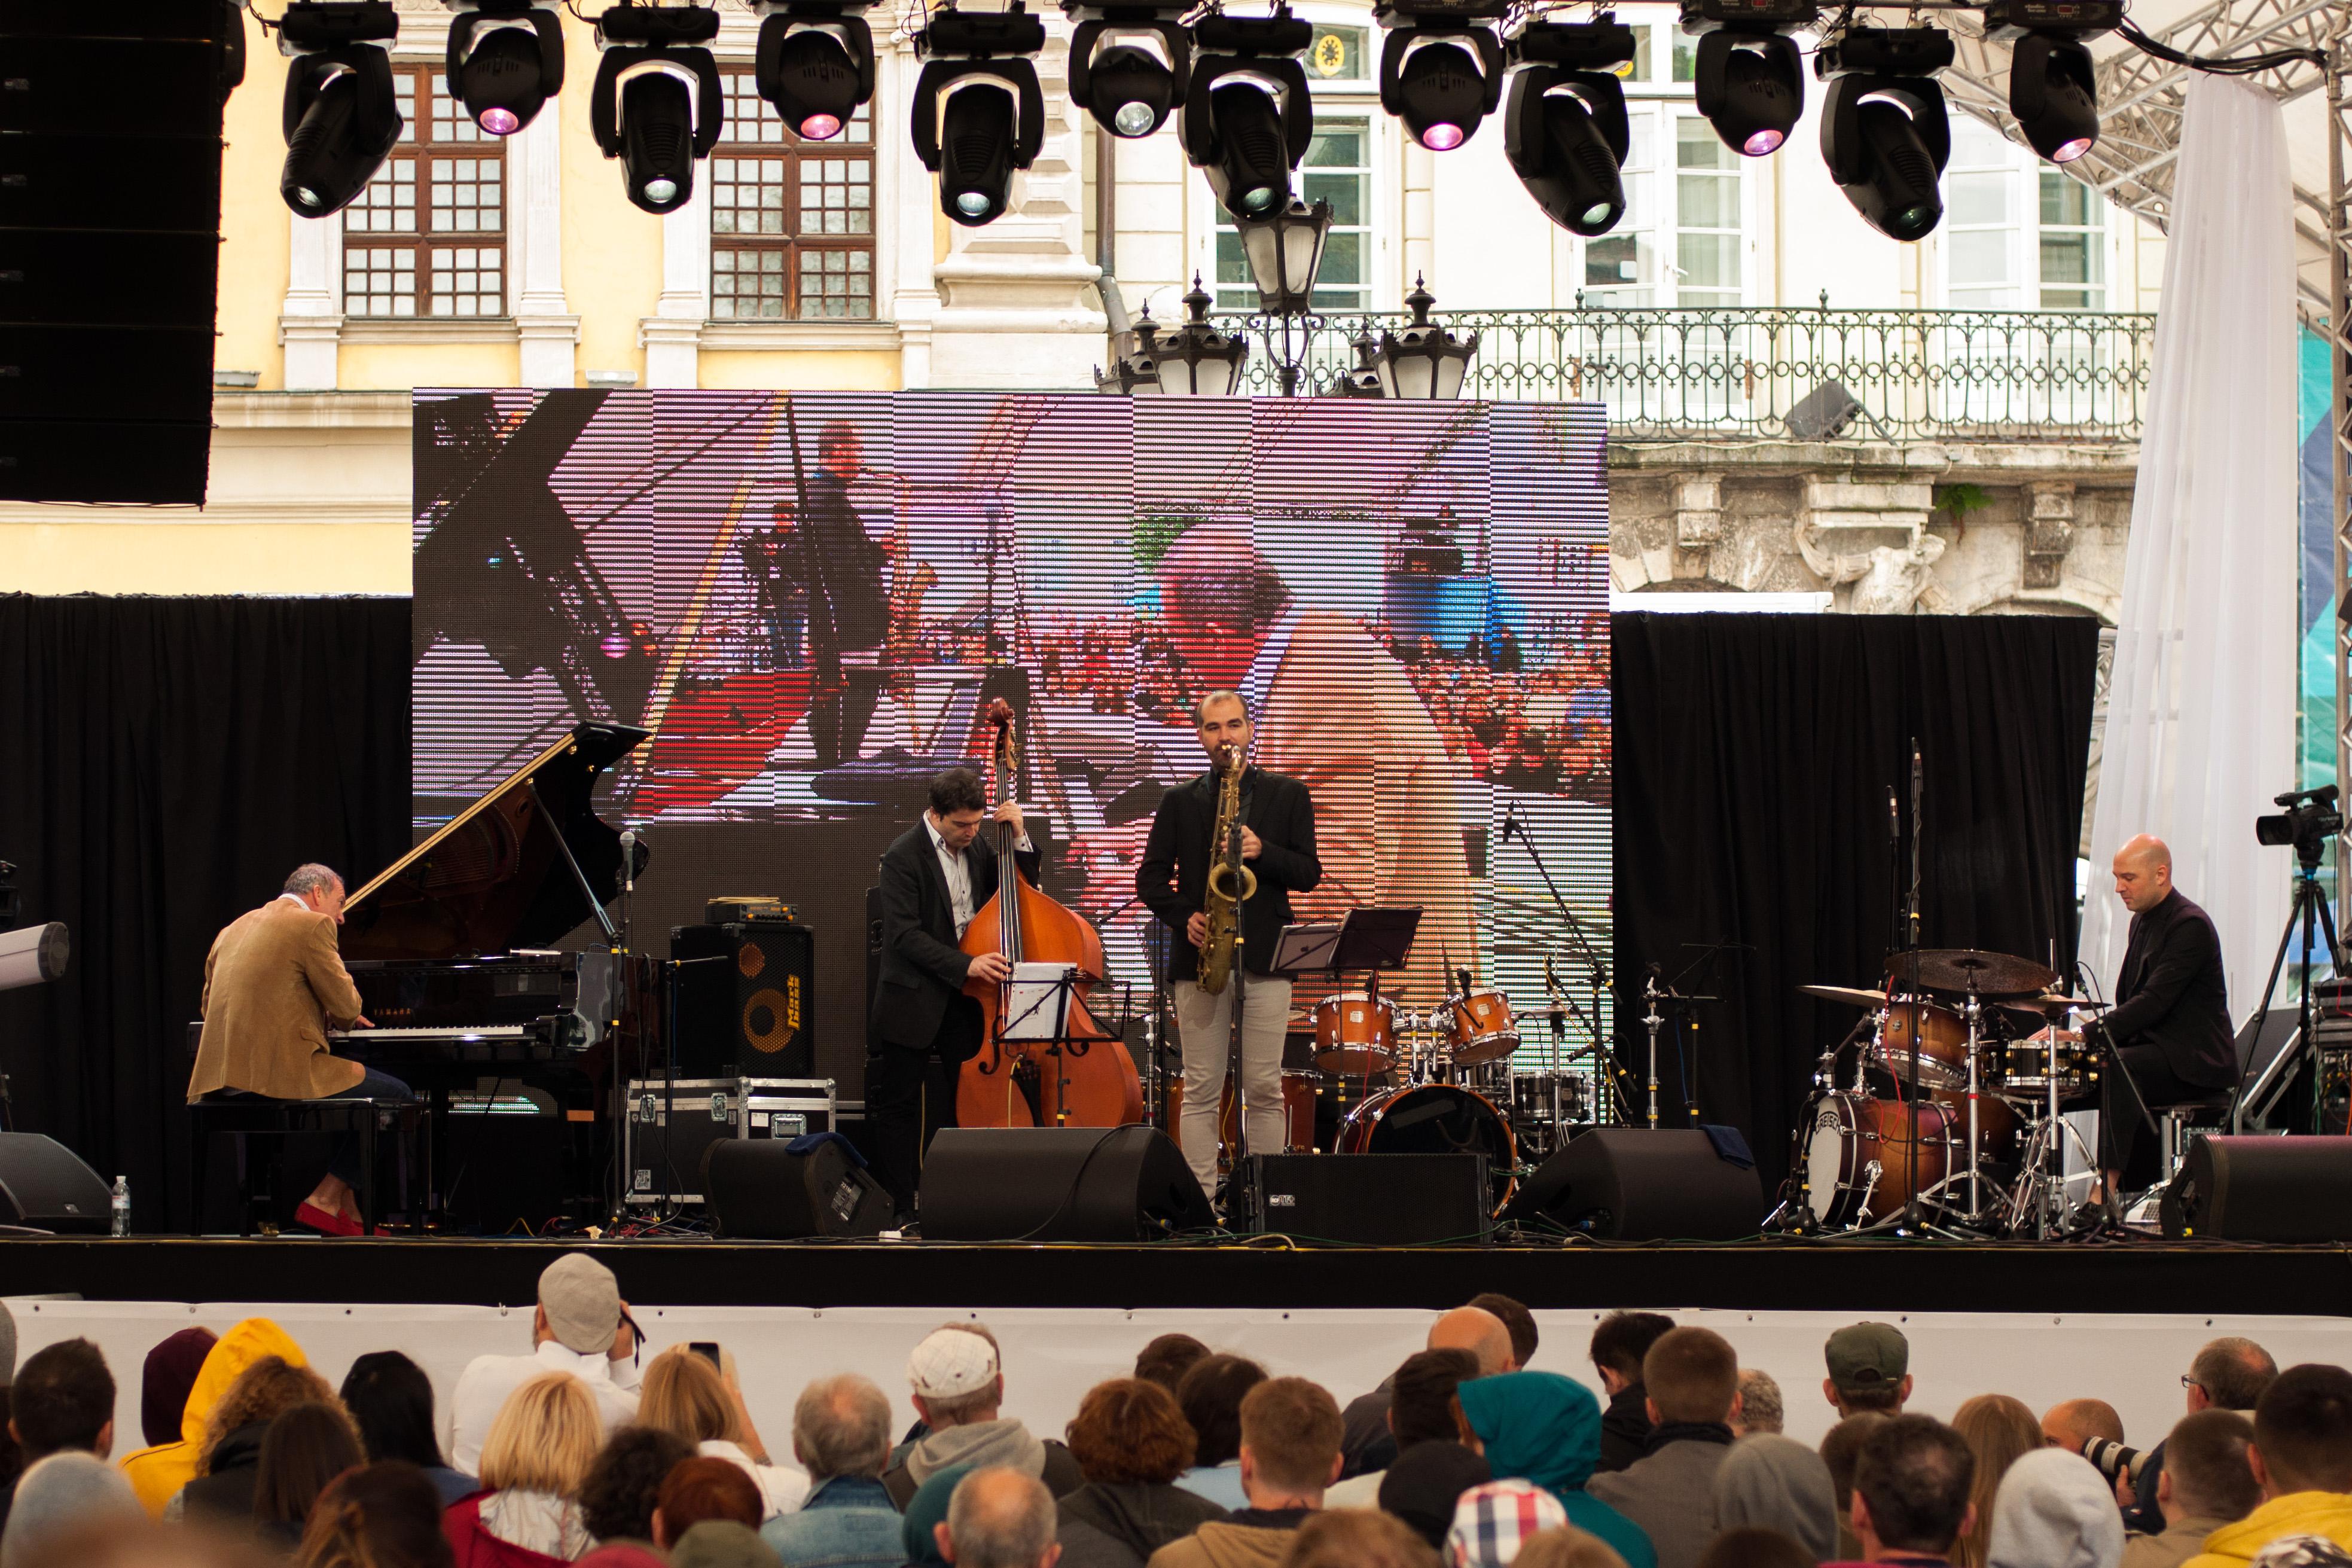 VIII міжнародний джазовий фестиваль Leopolis Jazz Fest 2018 у Львові